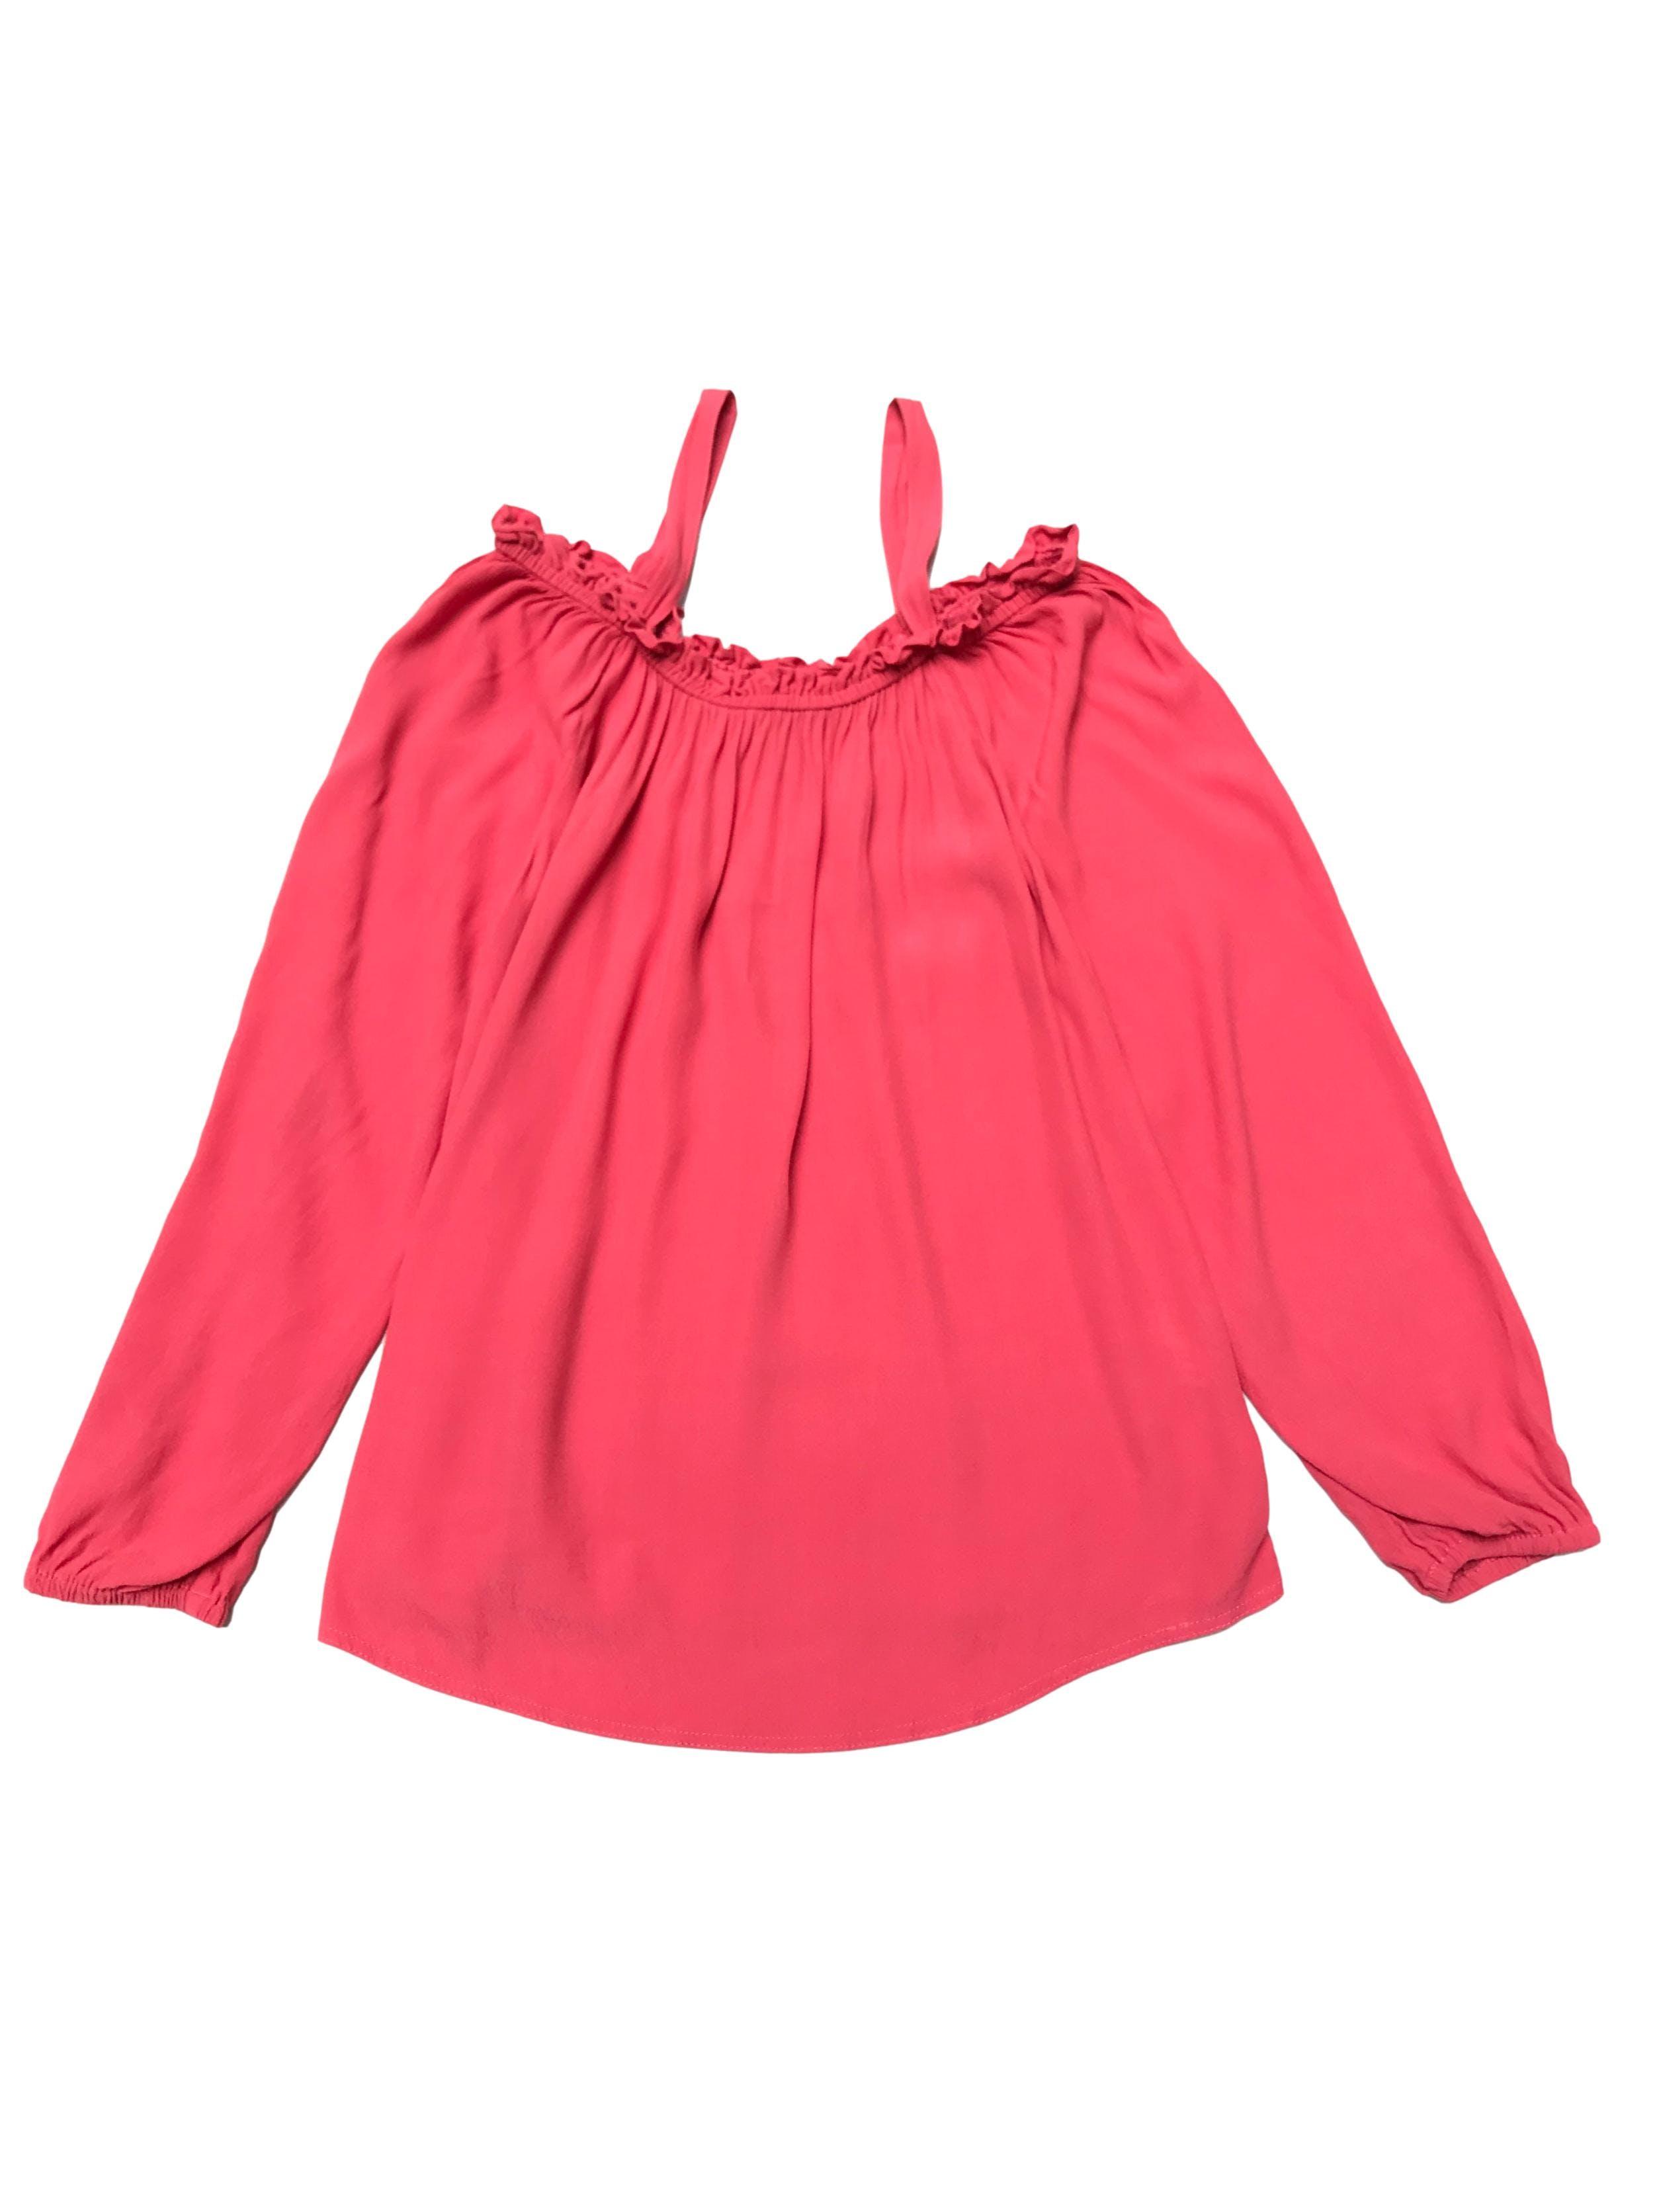 Blusa Navigata off-shoulder con tiras coral, elástico en los puños, suelta Talla M